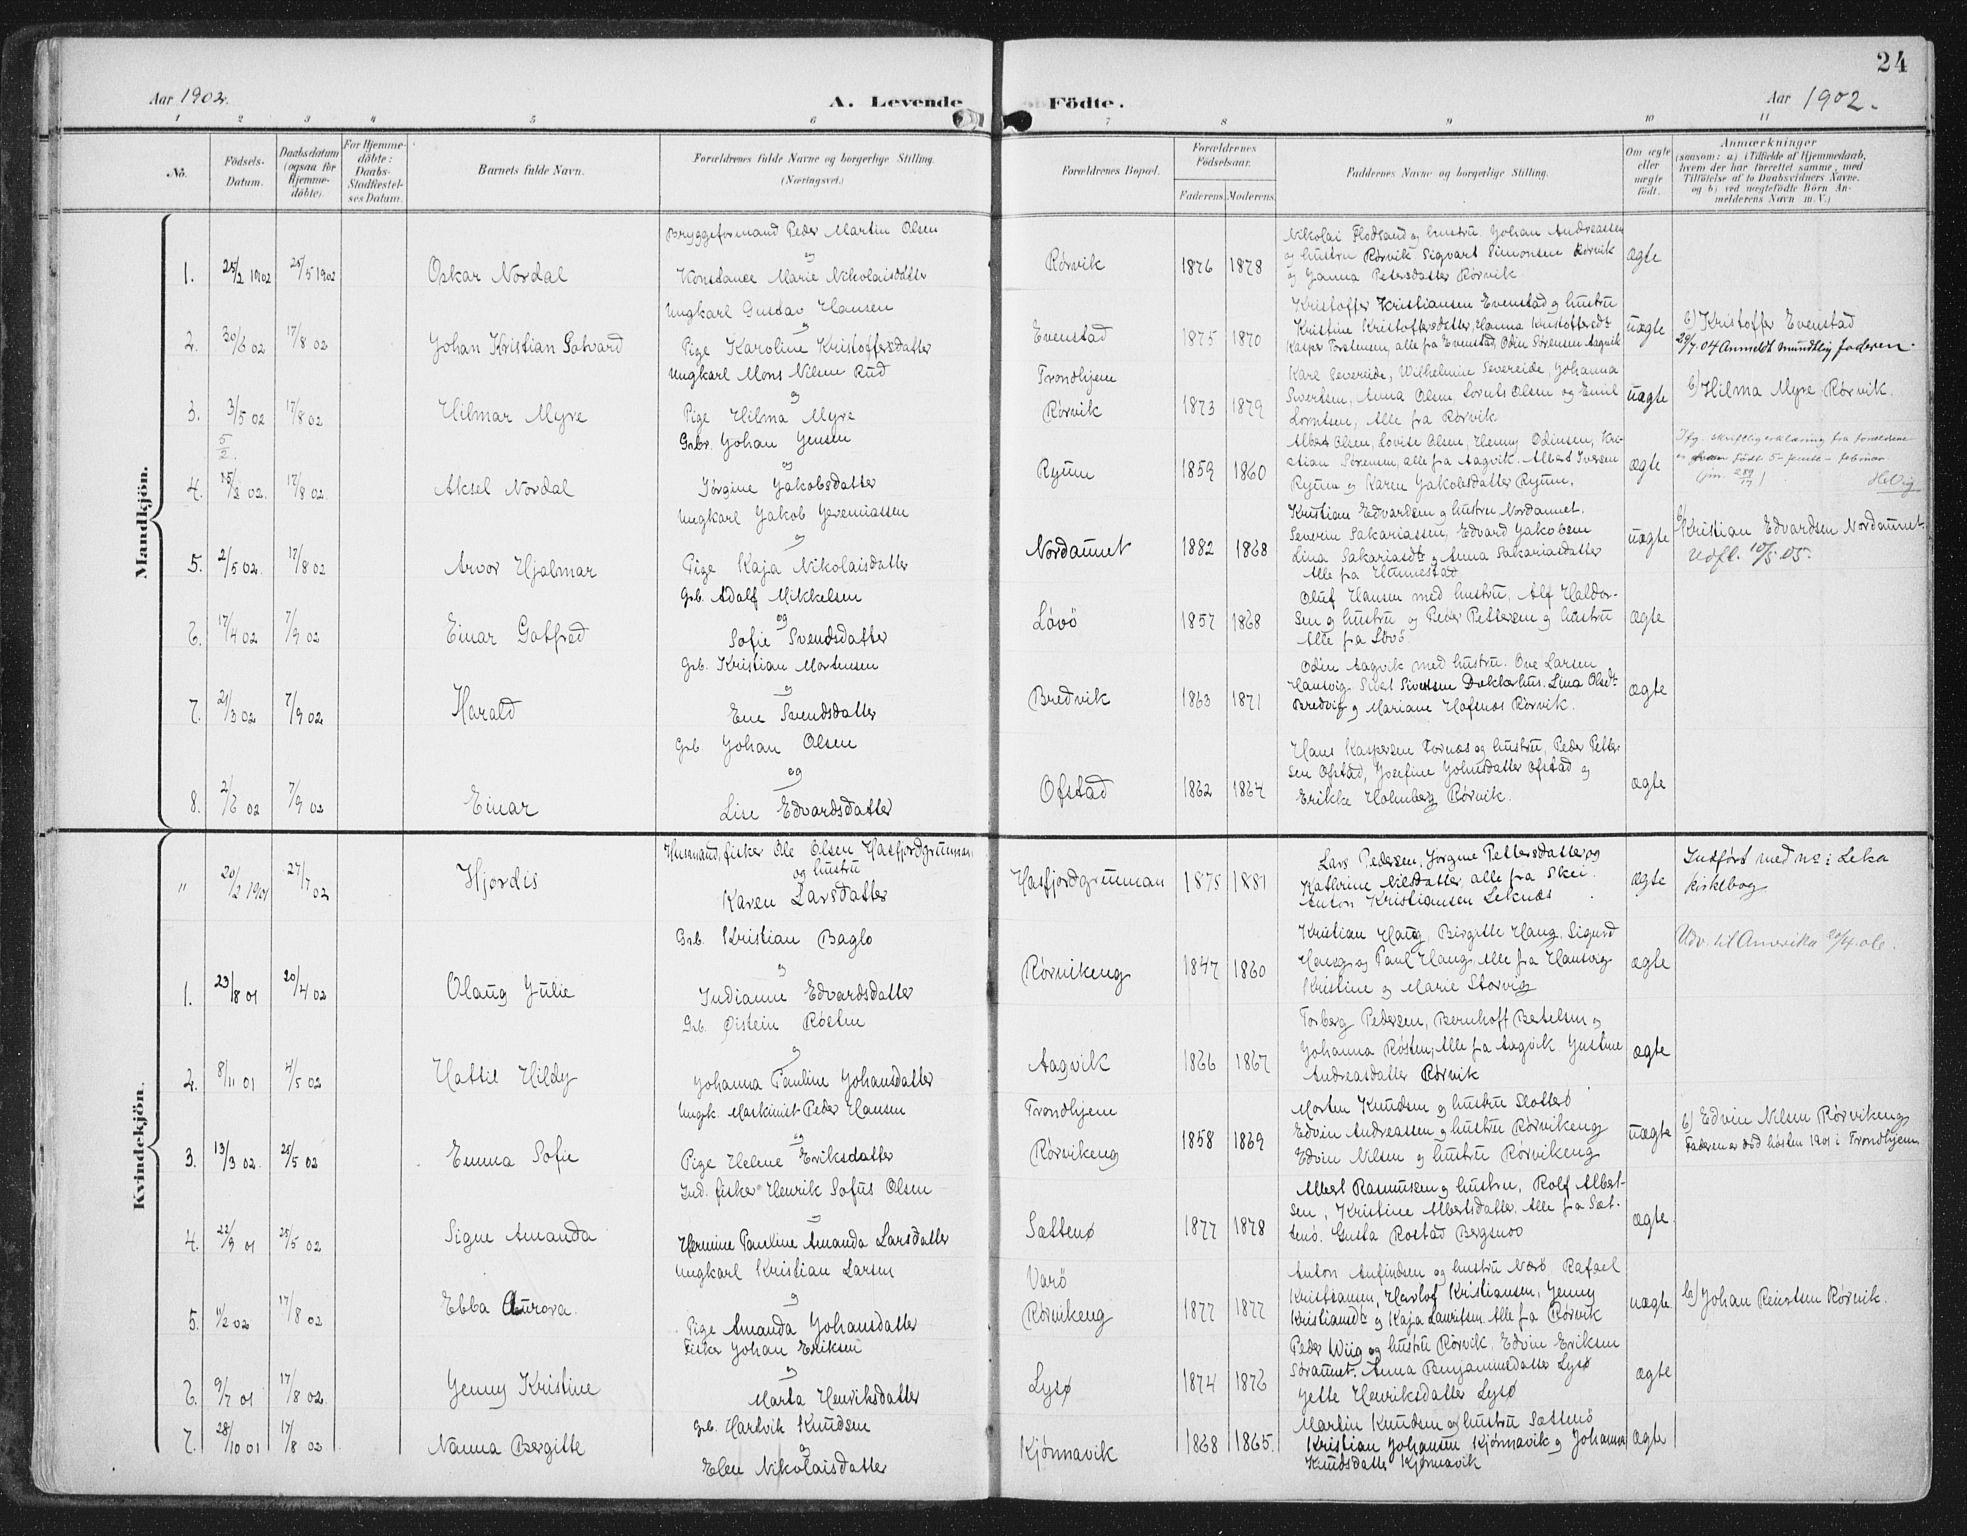 SAT, Ministerialprotokoller, klokkerbøker og fødselsregistre - Nord-Trøndelag, 786/L0688: Ministerialbok nr. 786A04, 1899-1912, s. 24